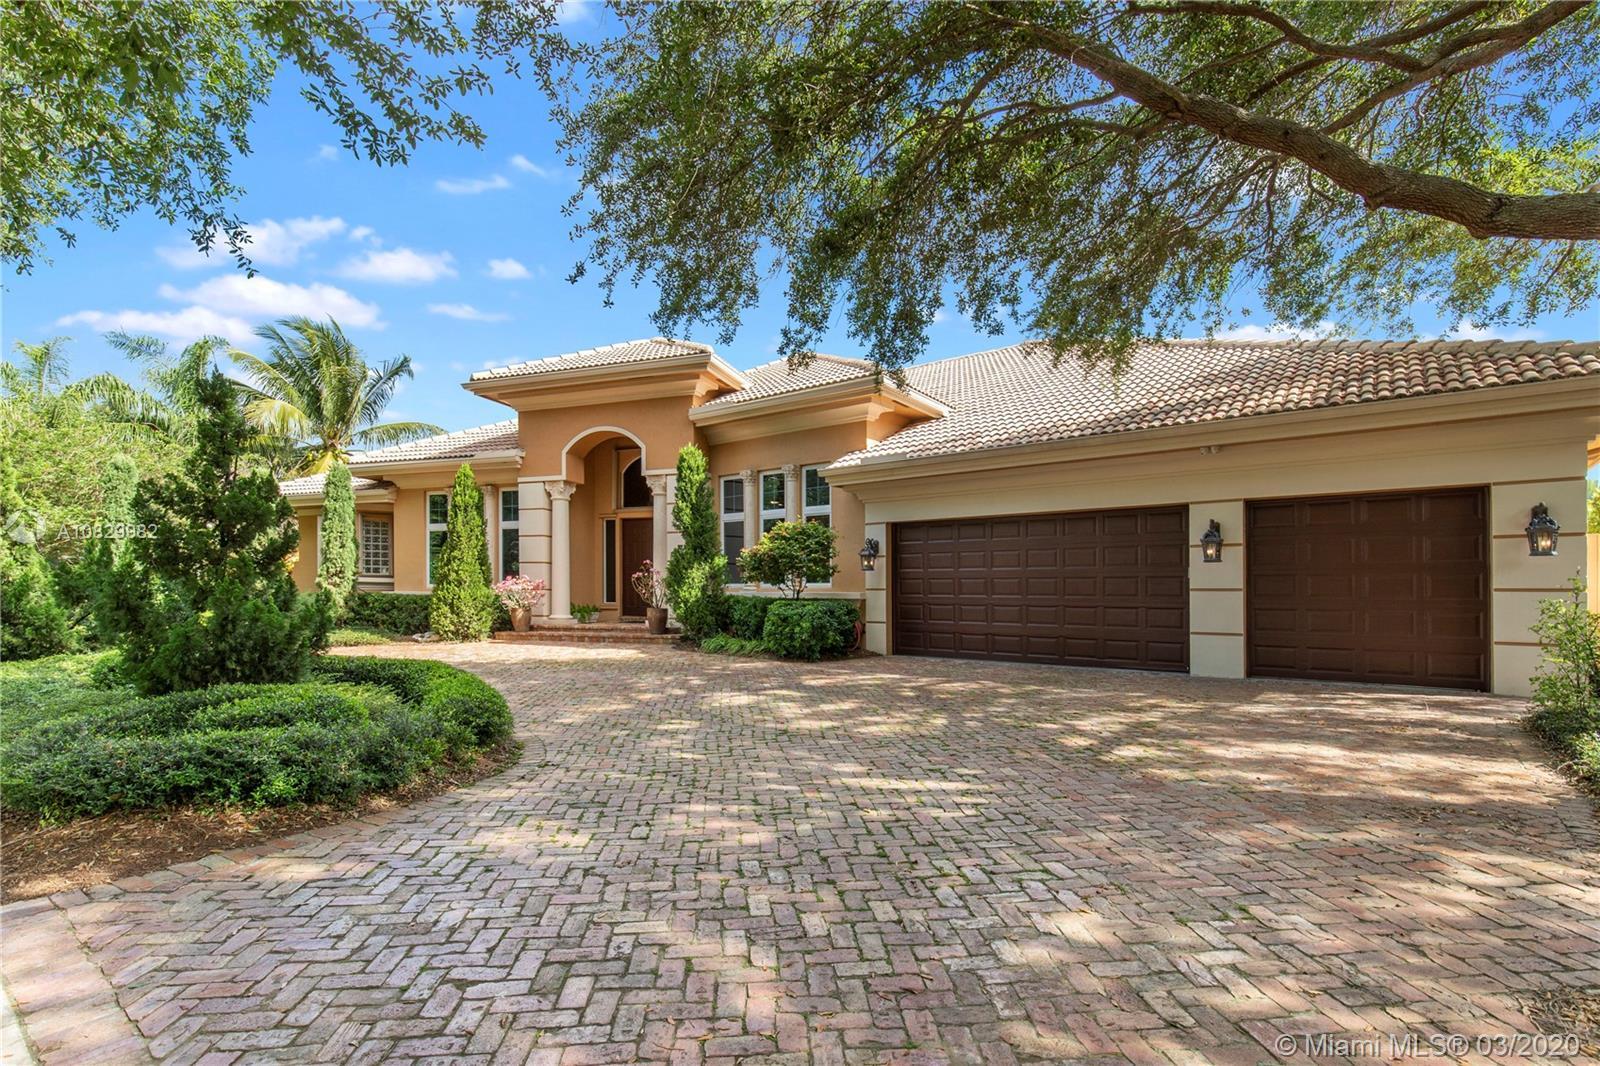 Hollywood Oaks, 3631 Estate Oak Cir, Hollywood, Florida 33312